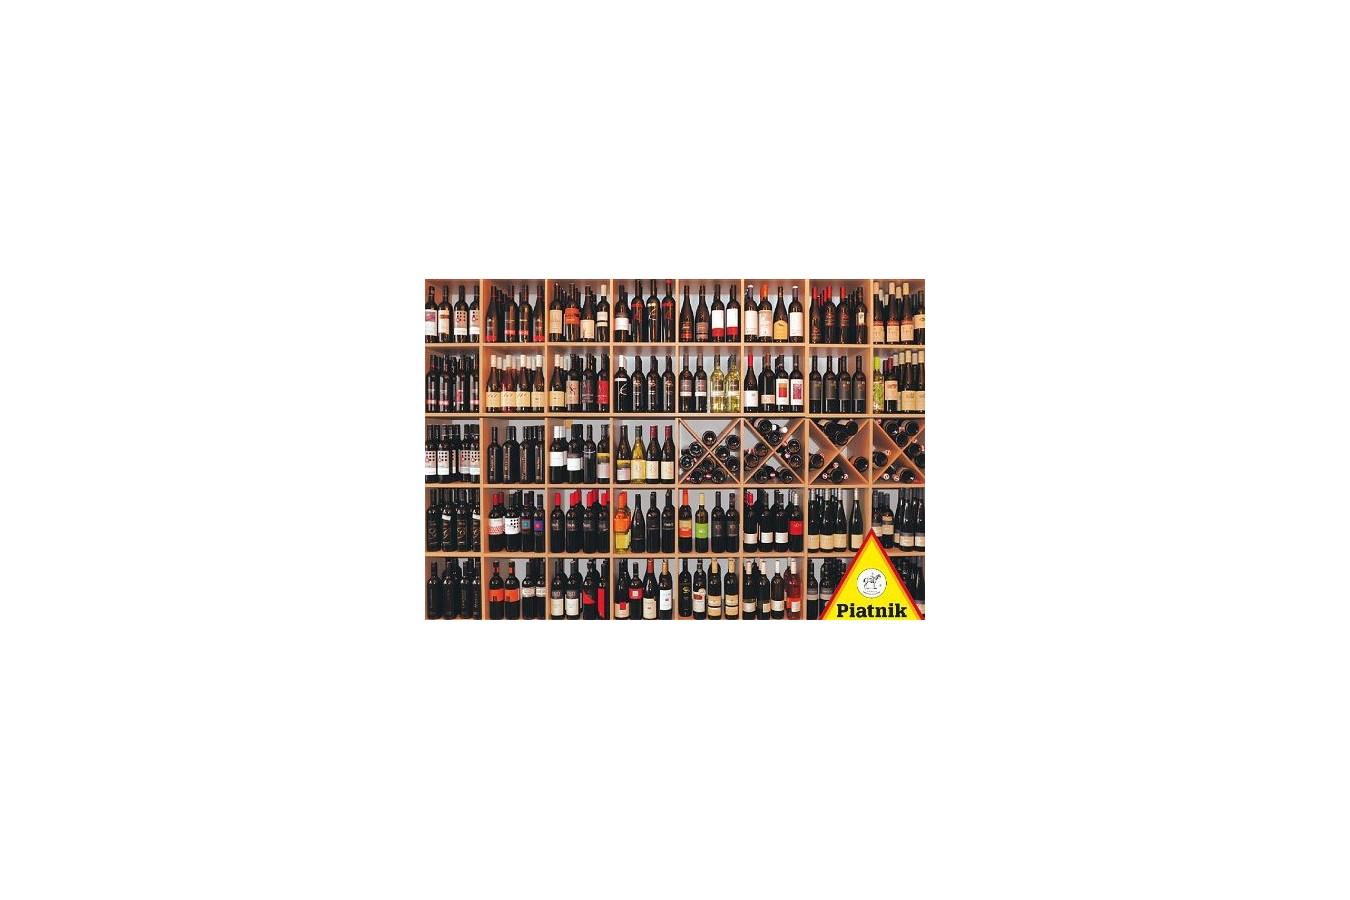 Puzzle Piatnik - Wine cellar, 1.000 piese (5357) imagine